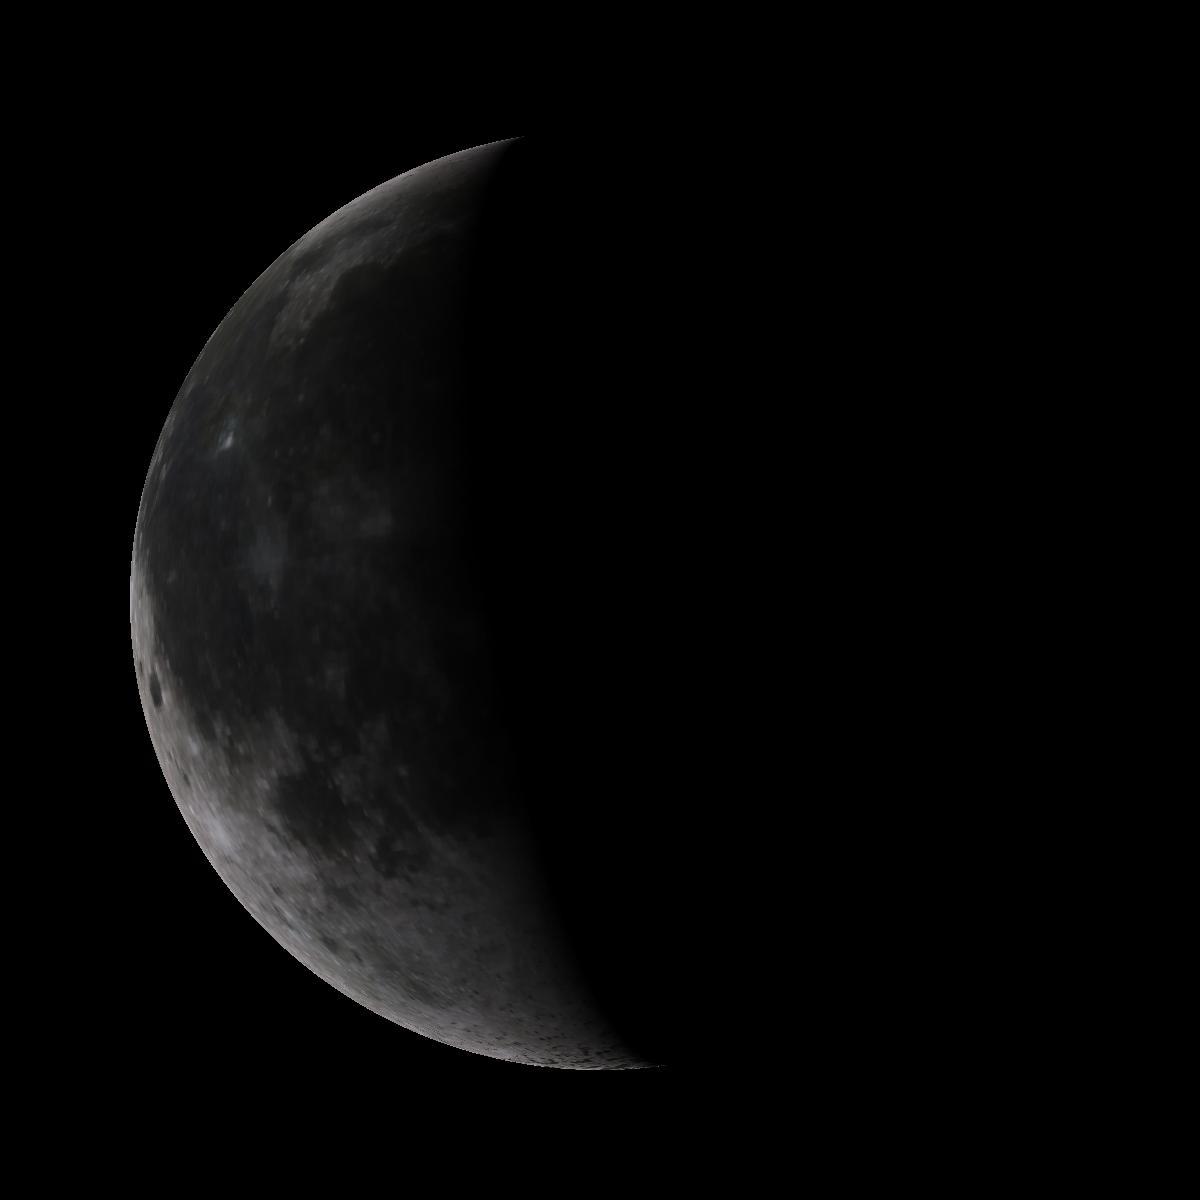 Lune du 17 février 2020